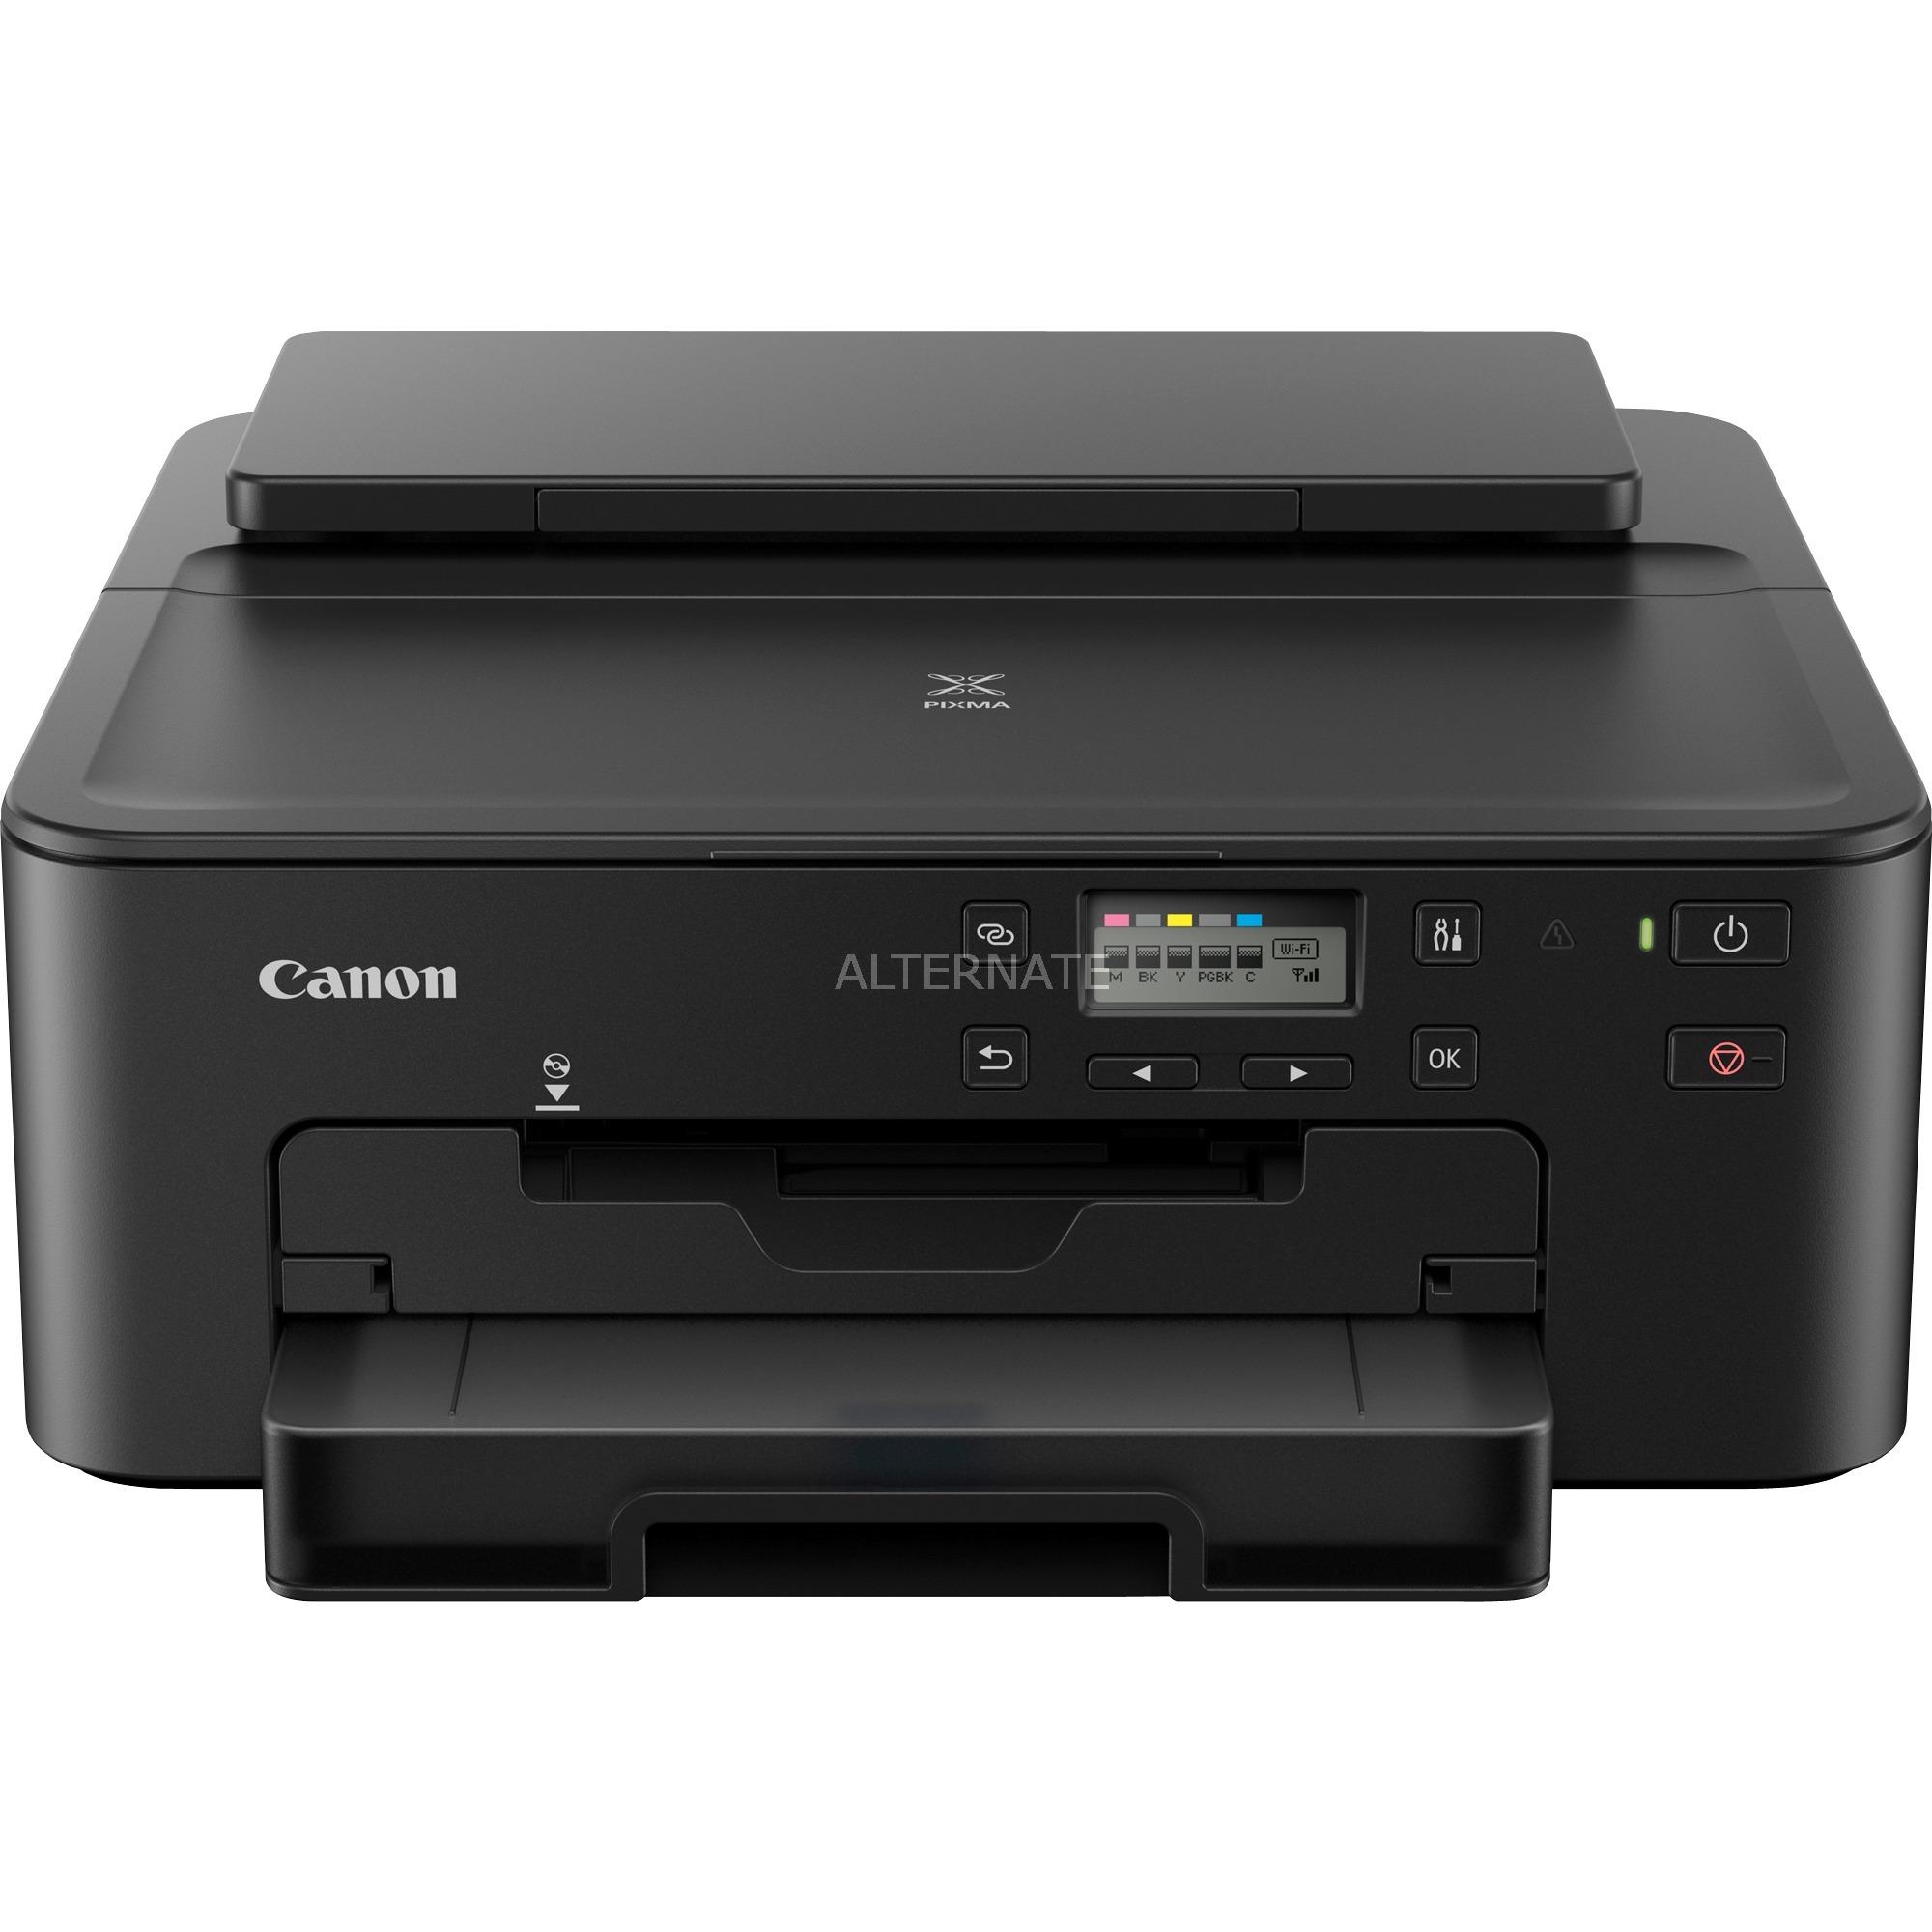 PIXMA TS705 stampante a getto d'inchiostro Colore